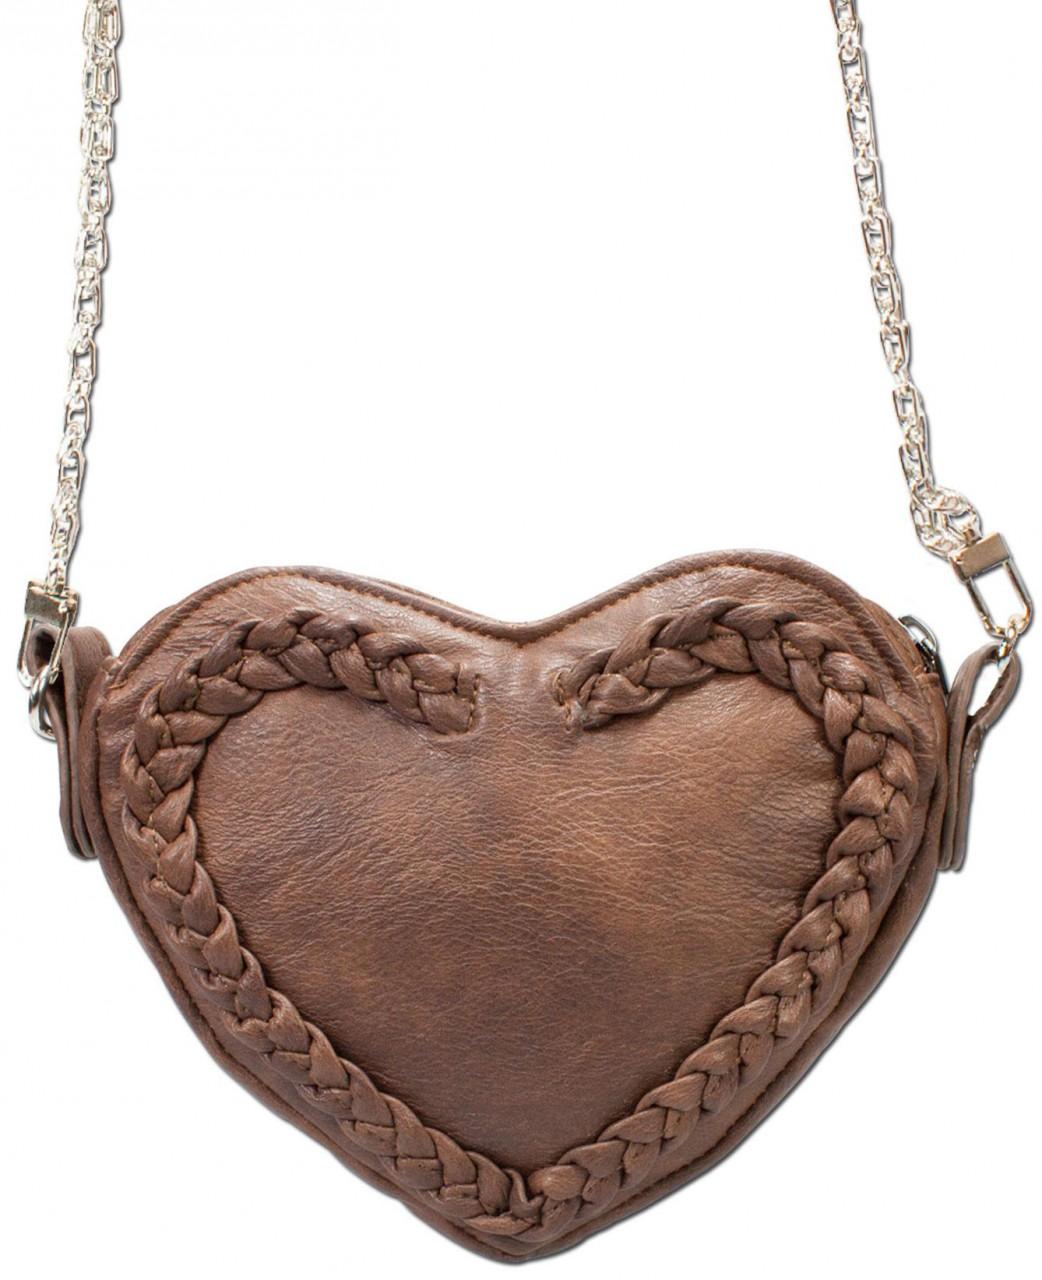 Trachten Herztasche Kunstleder braun